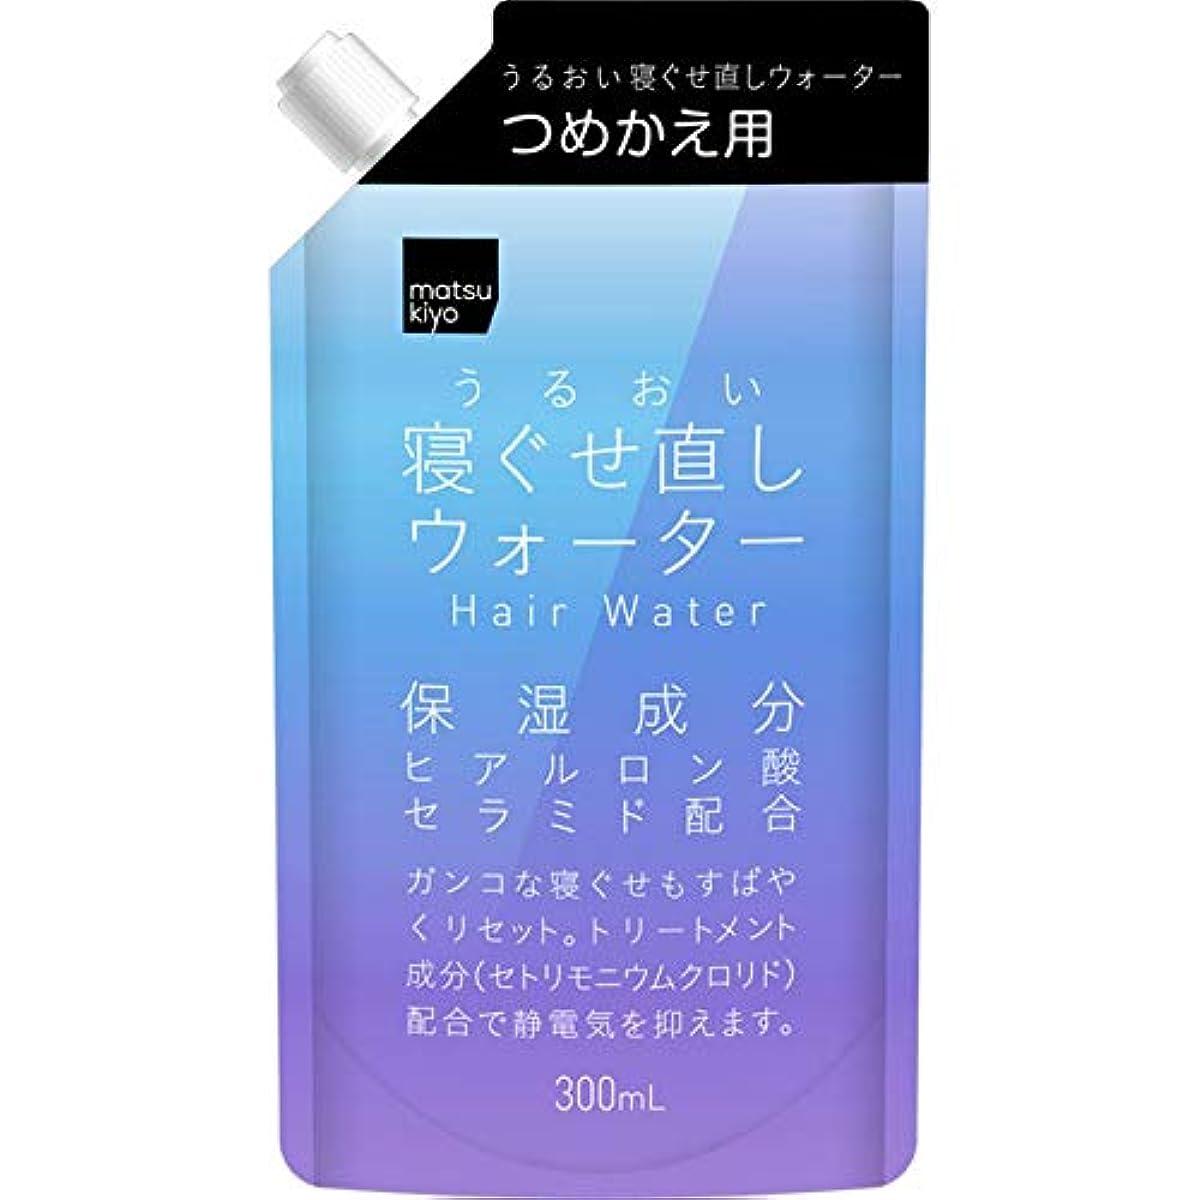 湿原ラベル助けになるmatsukiyo アレンジプラス 寝ぐせ直しウォーター 300ml詰替